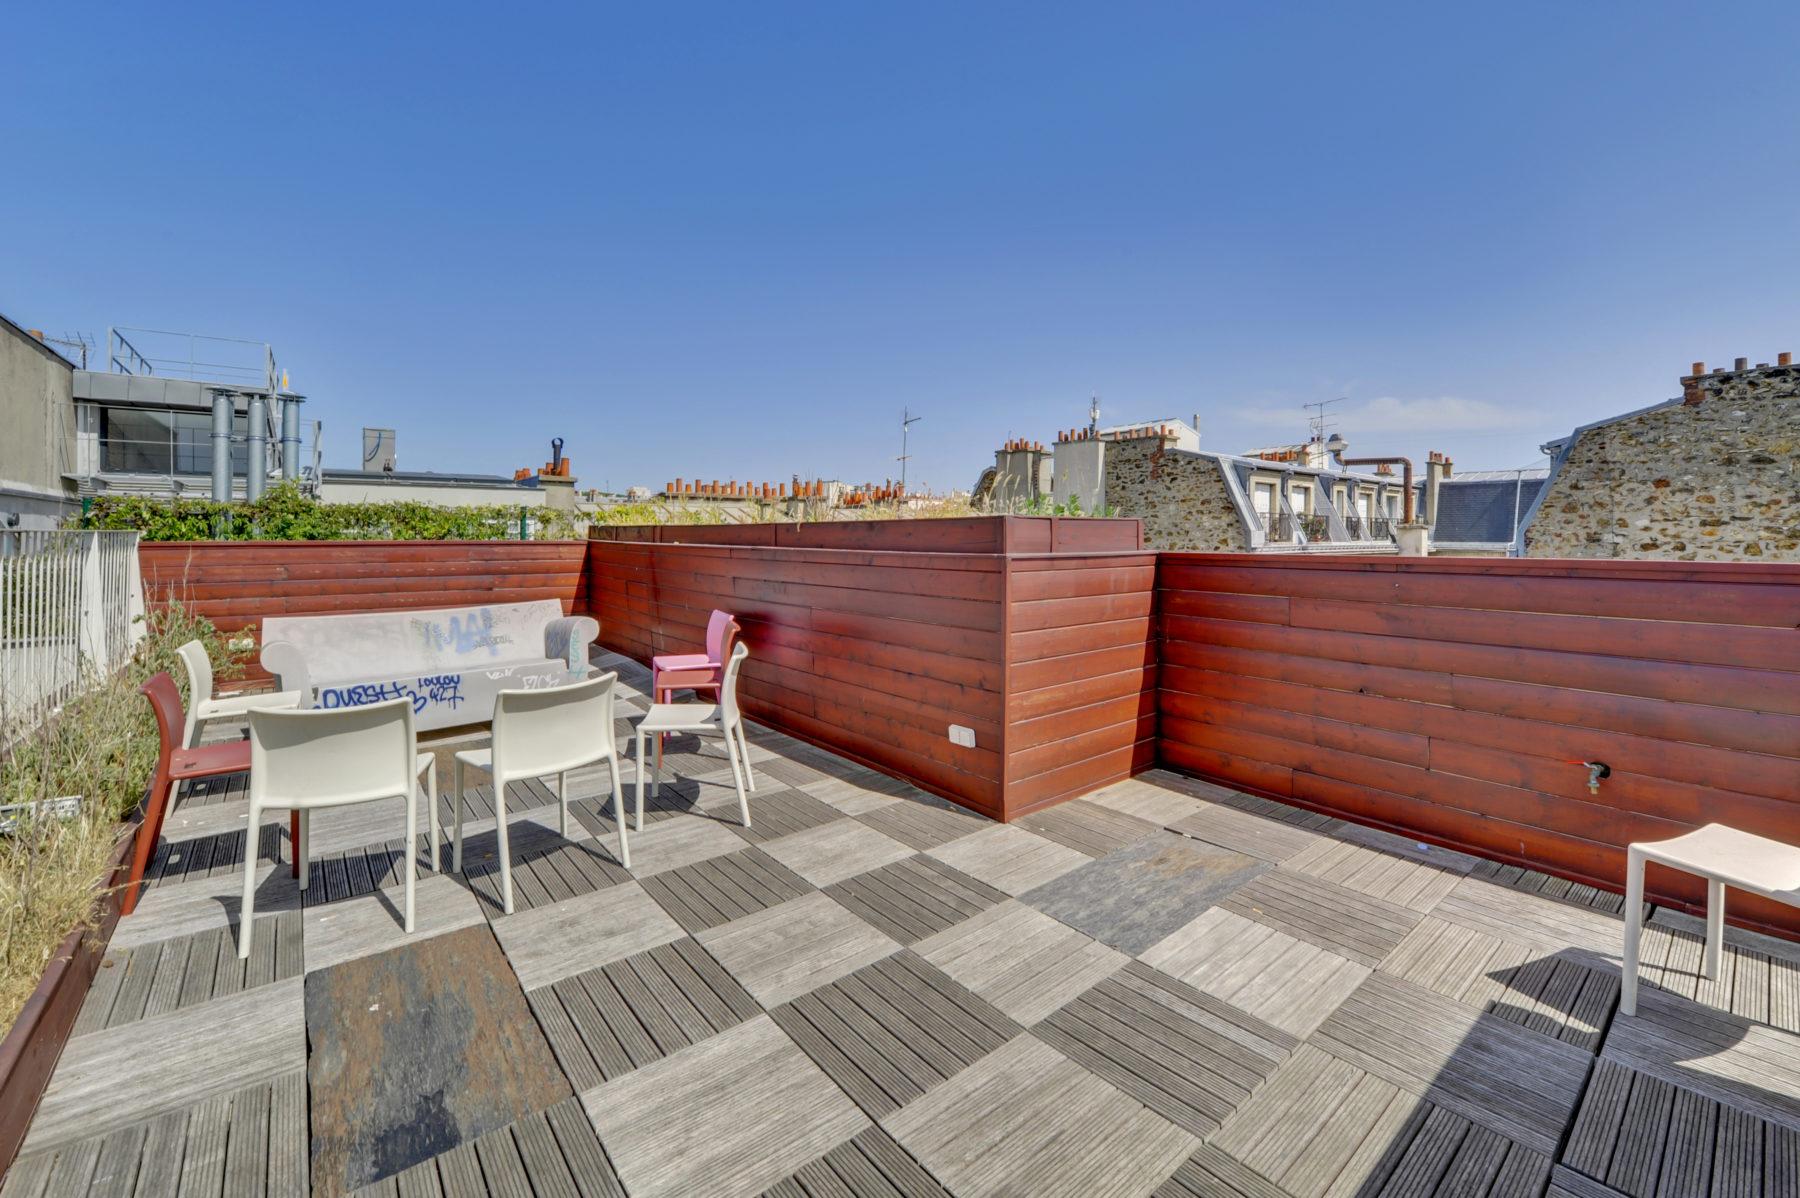 rooftop étudiant Paris 12e arrondissement